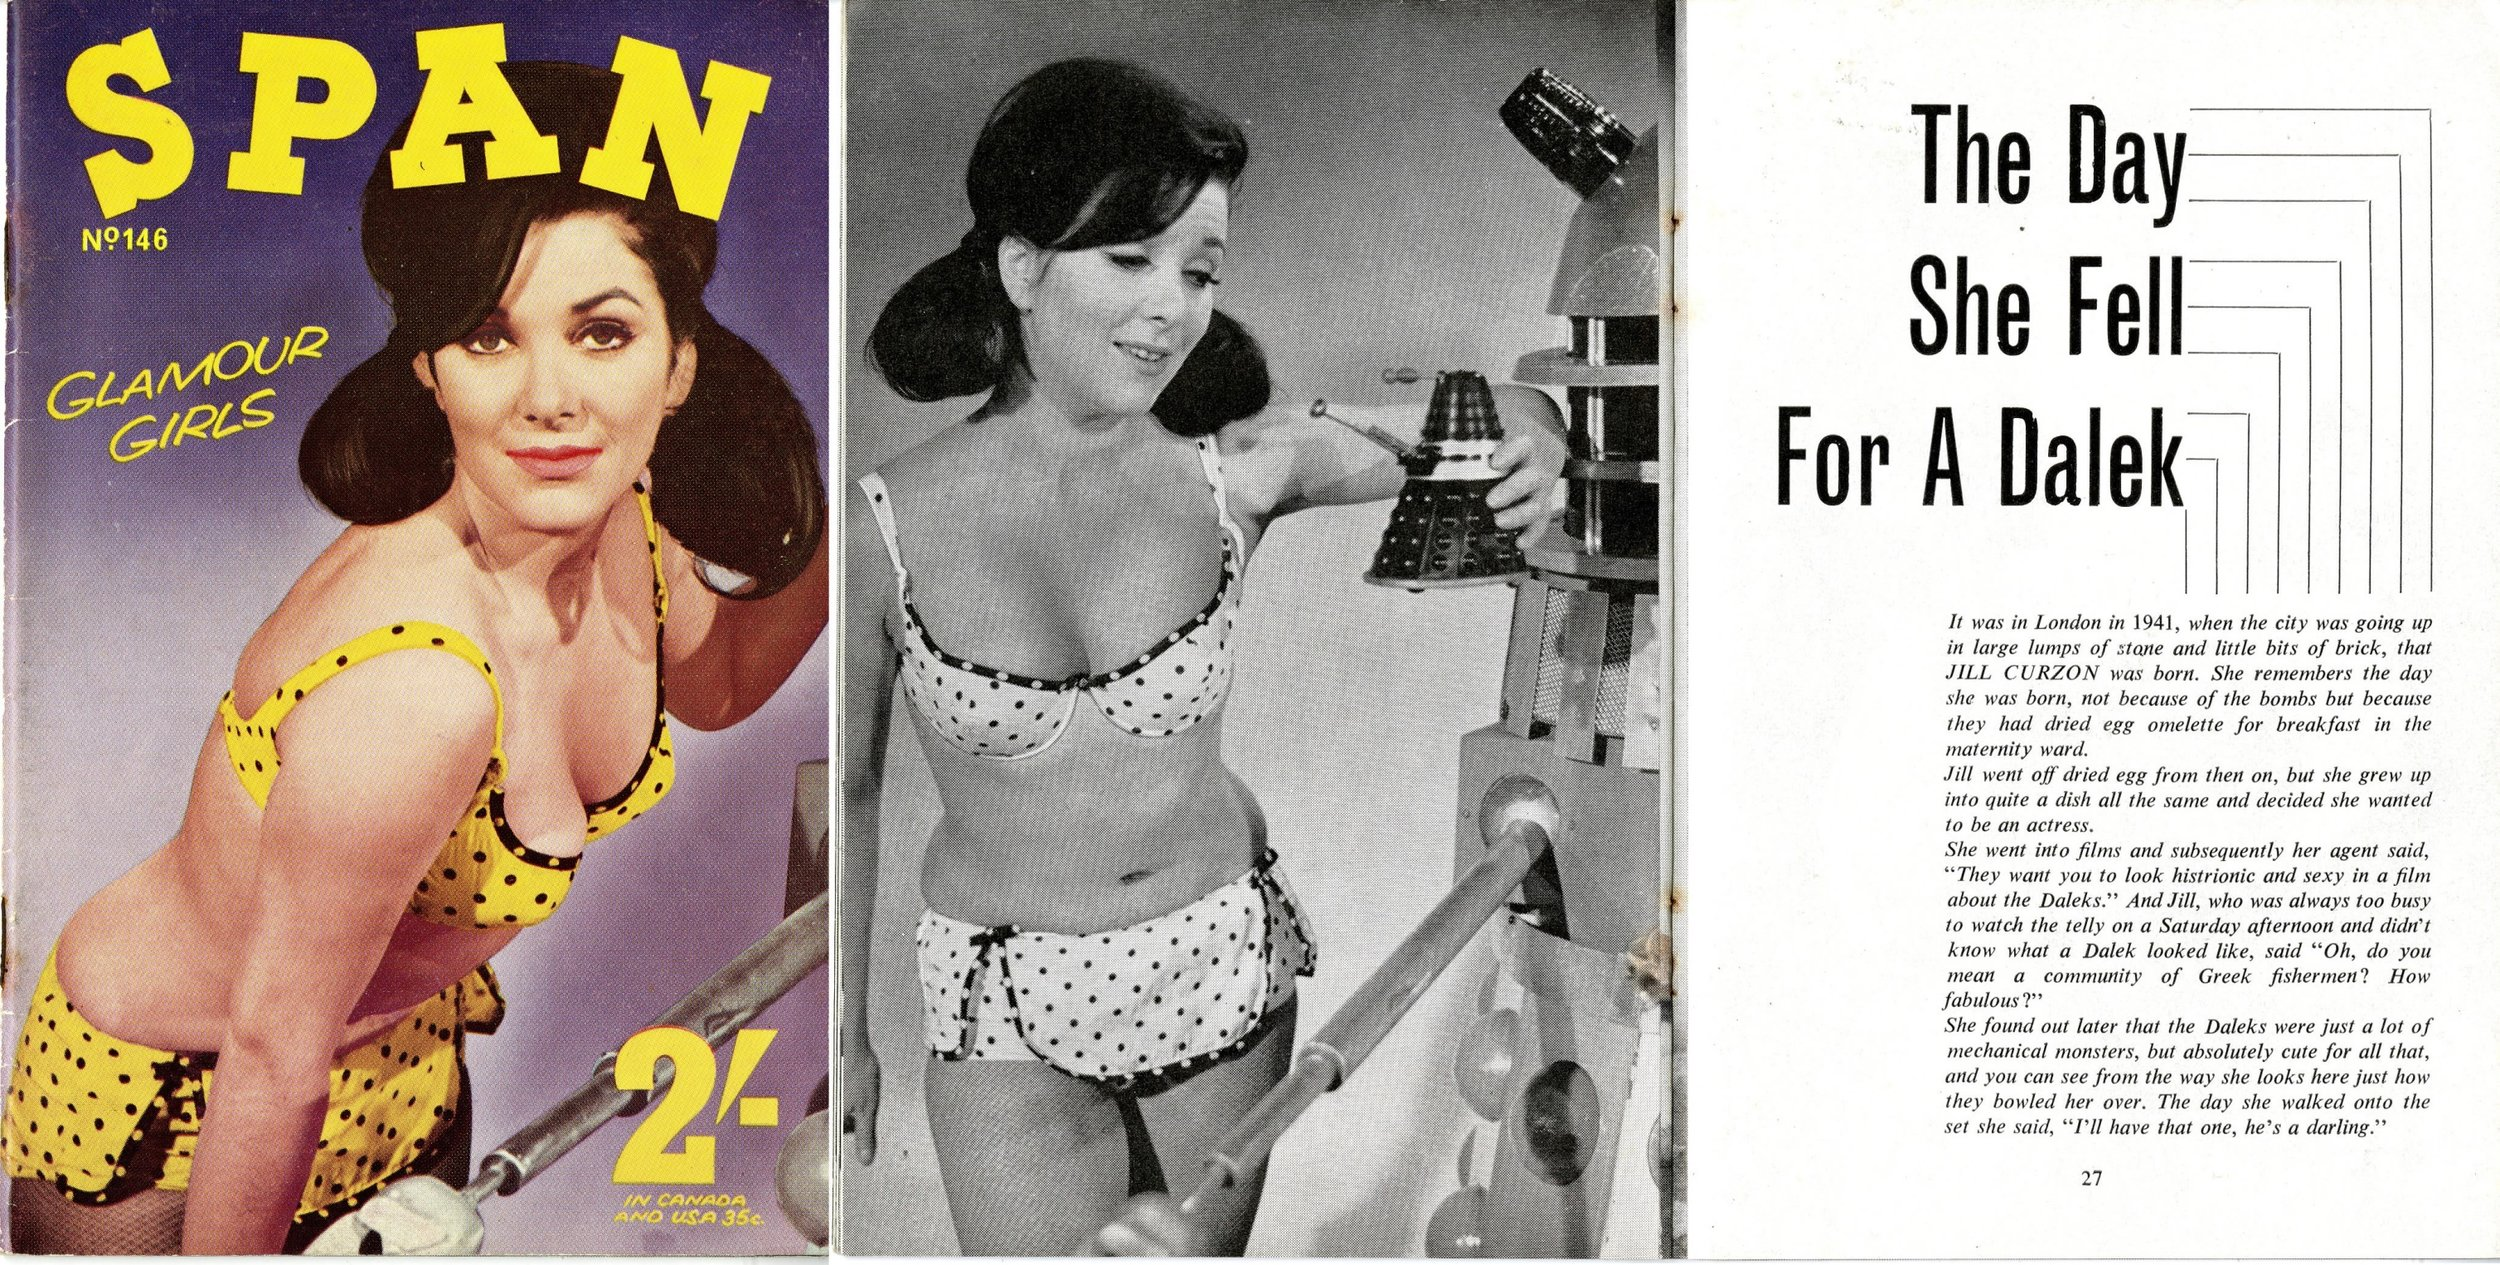 Jill Curzon in Span, vol. 13, no. 146, October 1966